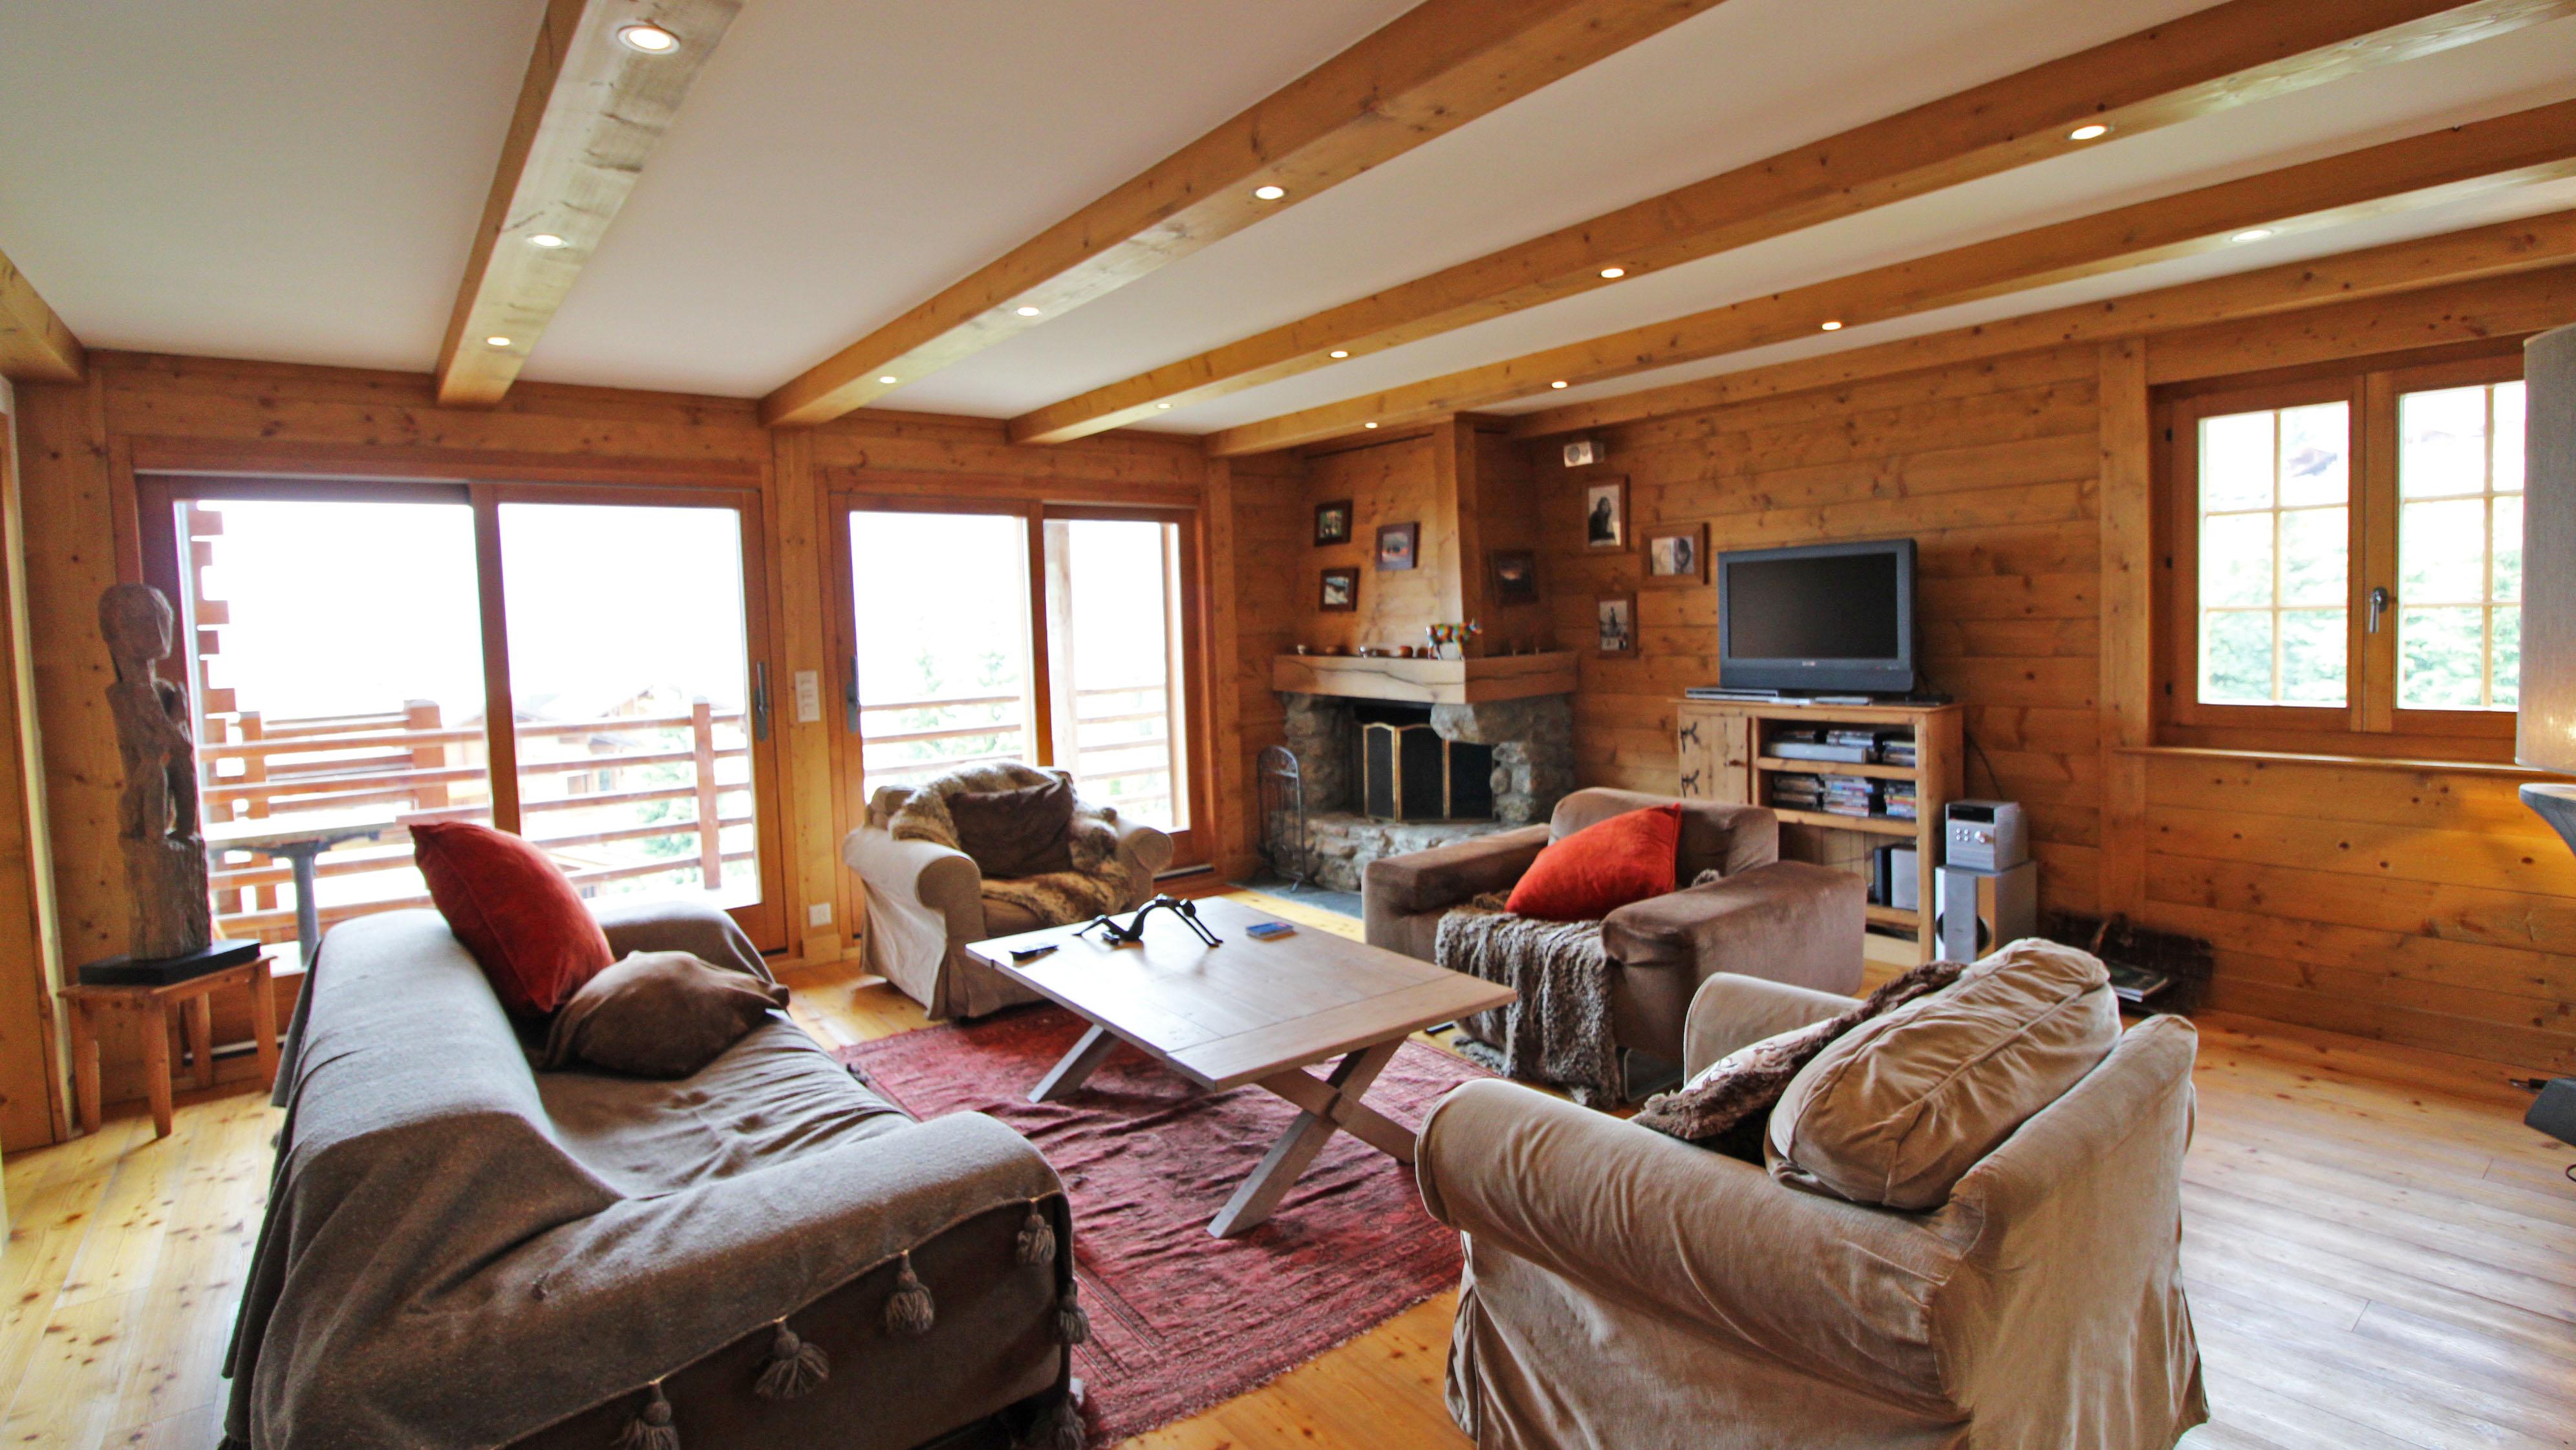 Joli Soleil 233 Apartments, Switzerland